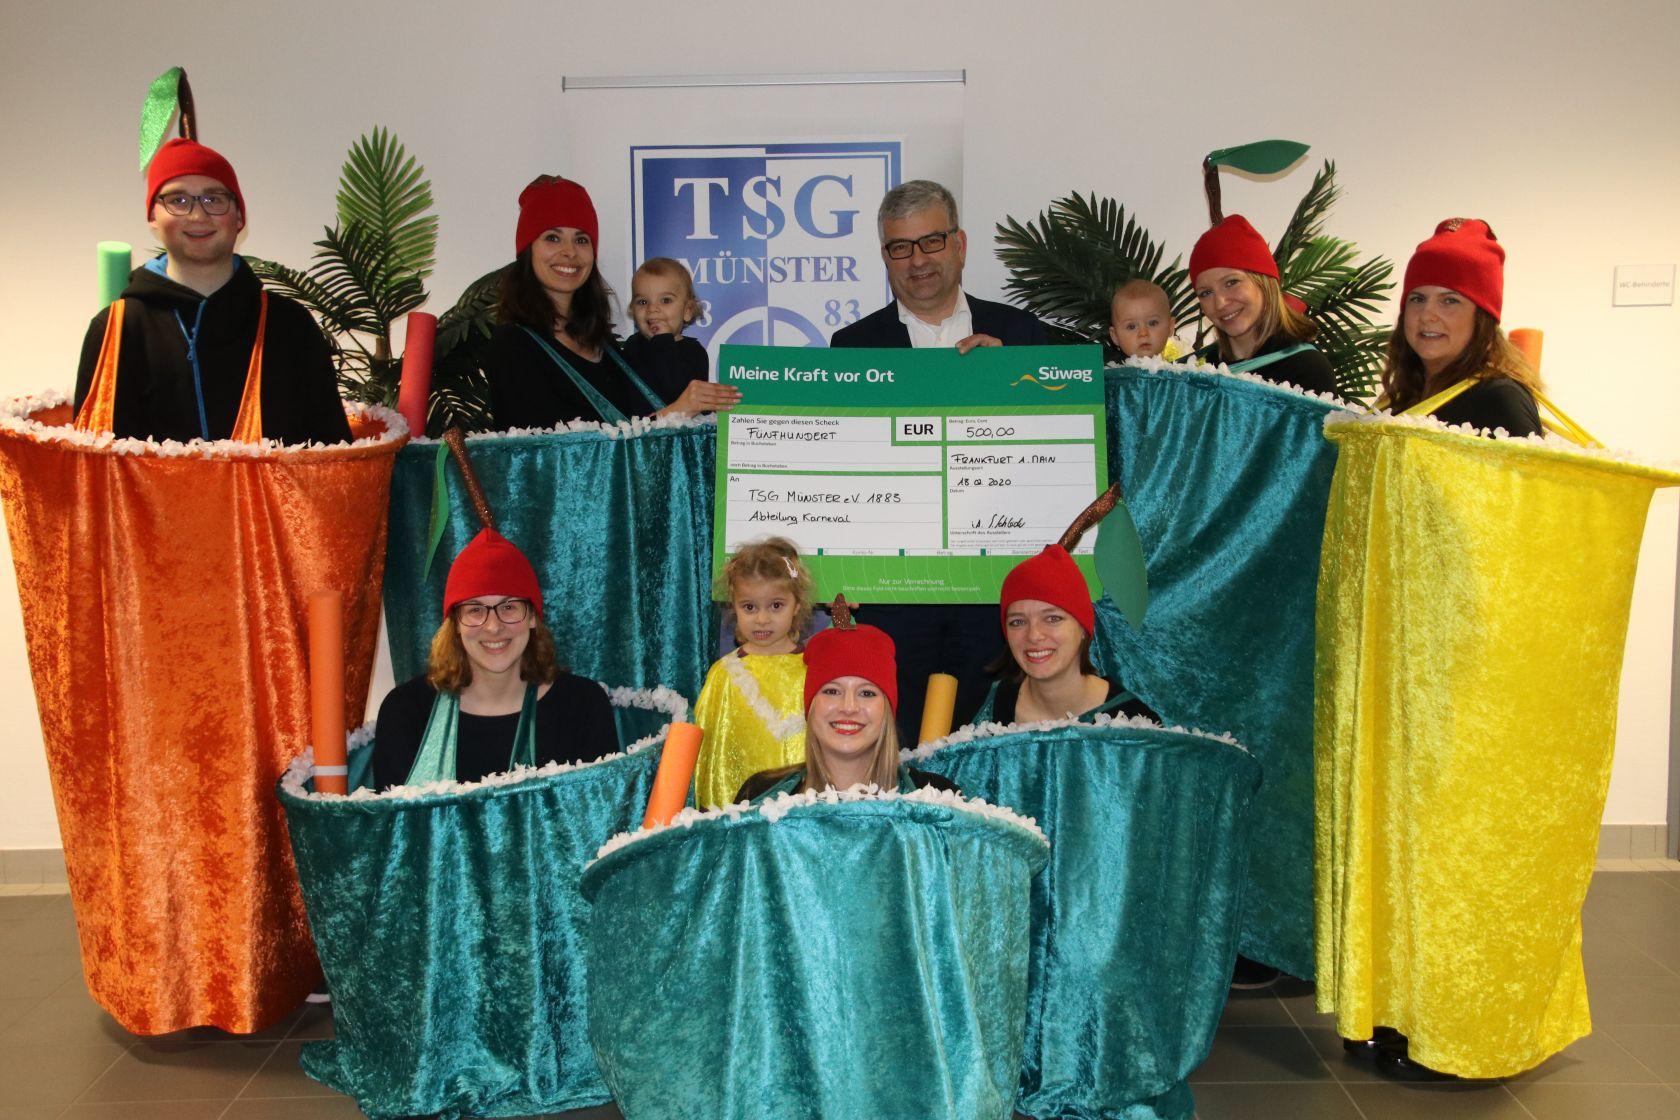 TSG Münster_Süwag_Gruppenbild 2020